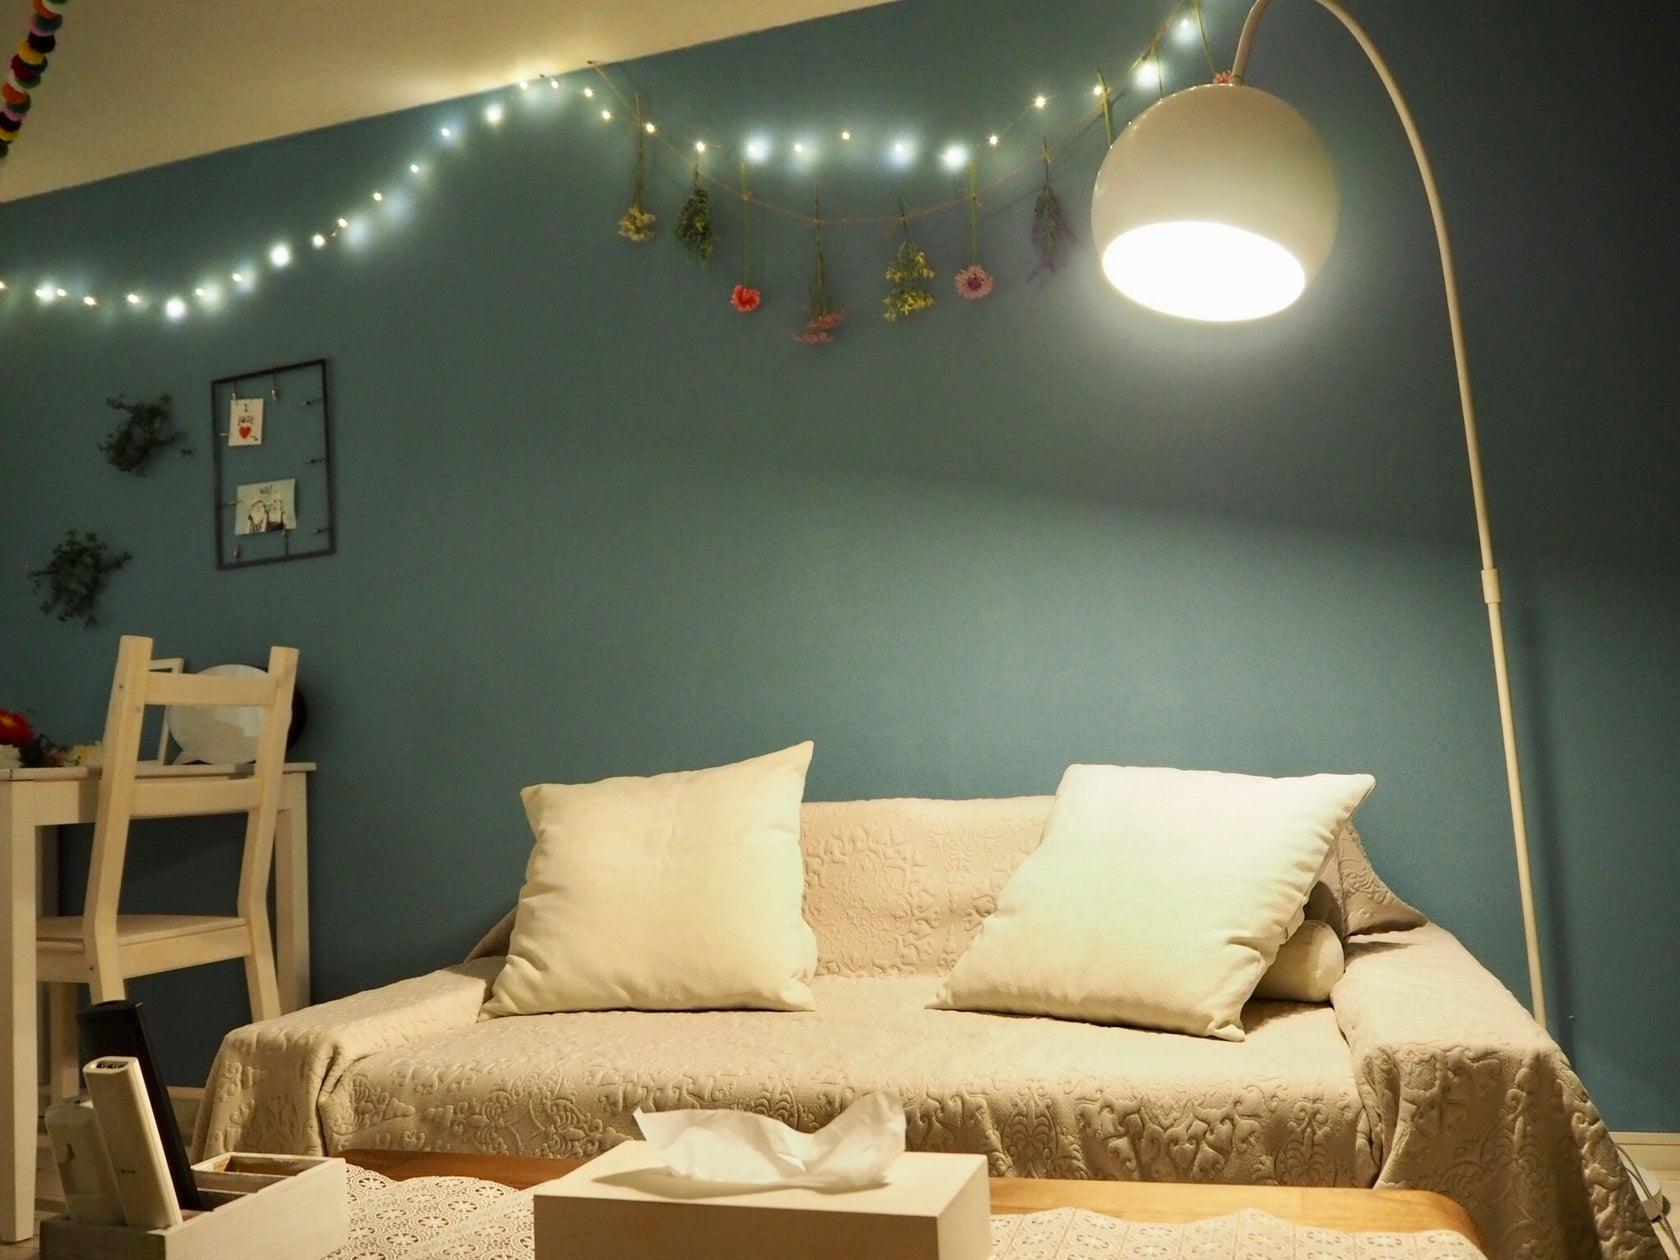 メインの照明を落として、電飾とスポットライトのみにすれば、全く違う雰囲気に★